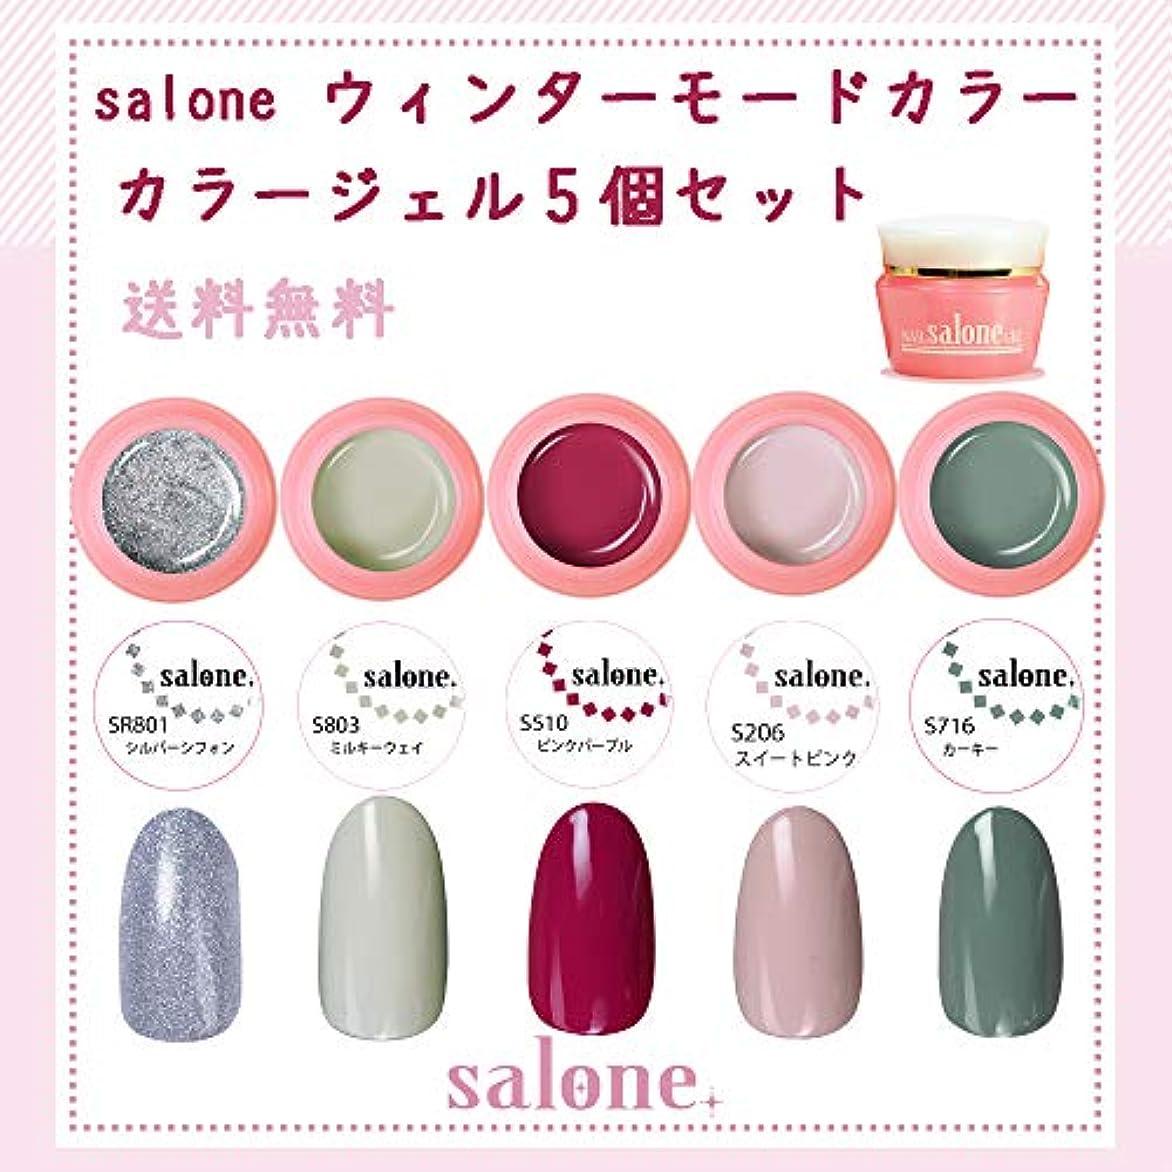 暫定シエスタセミナー【送料無料 日本製】Salone モード カラージェル5個セット ネイルのマストカラーオシャレなモードカラー